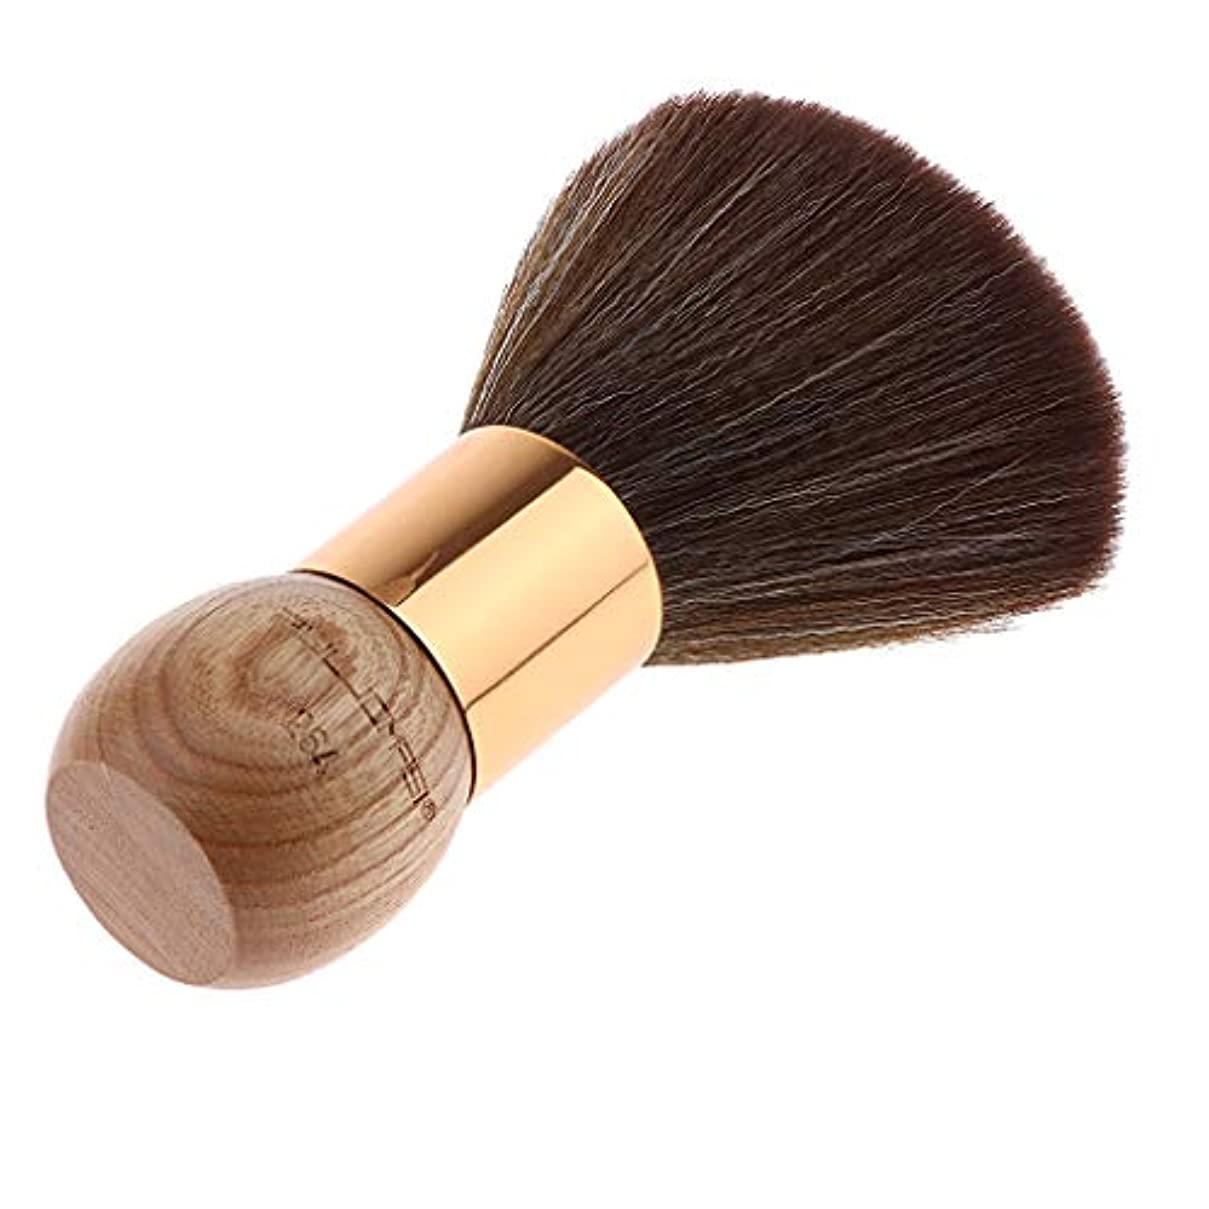 測定可能マークダウンダースSharplace メンズ用 髭剃り ブラシ シェービングブラシ 木製ハンドル 男性 ギフト理容 洗顔 髭剃り